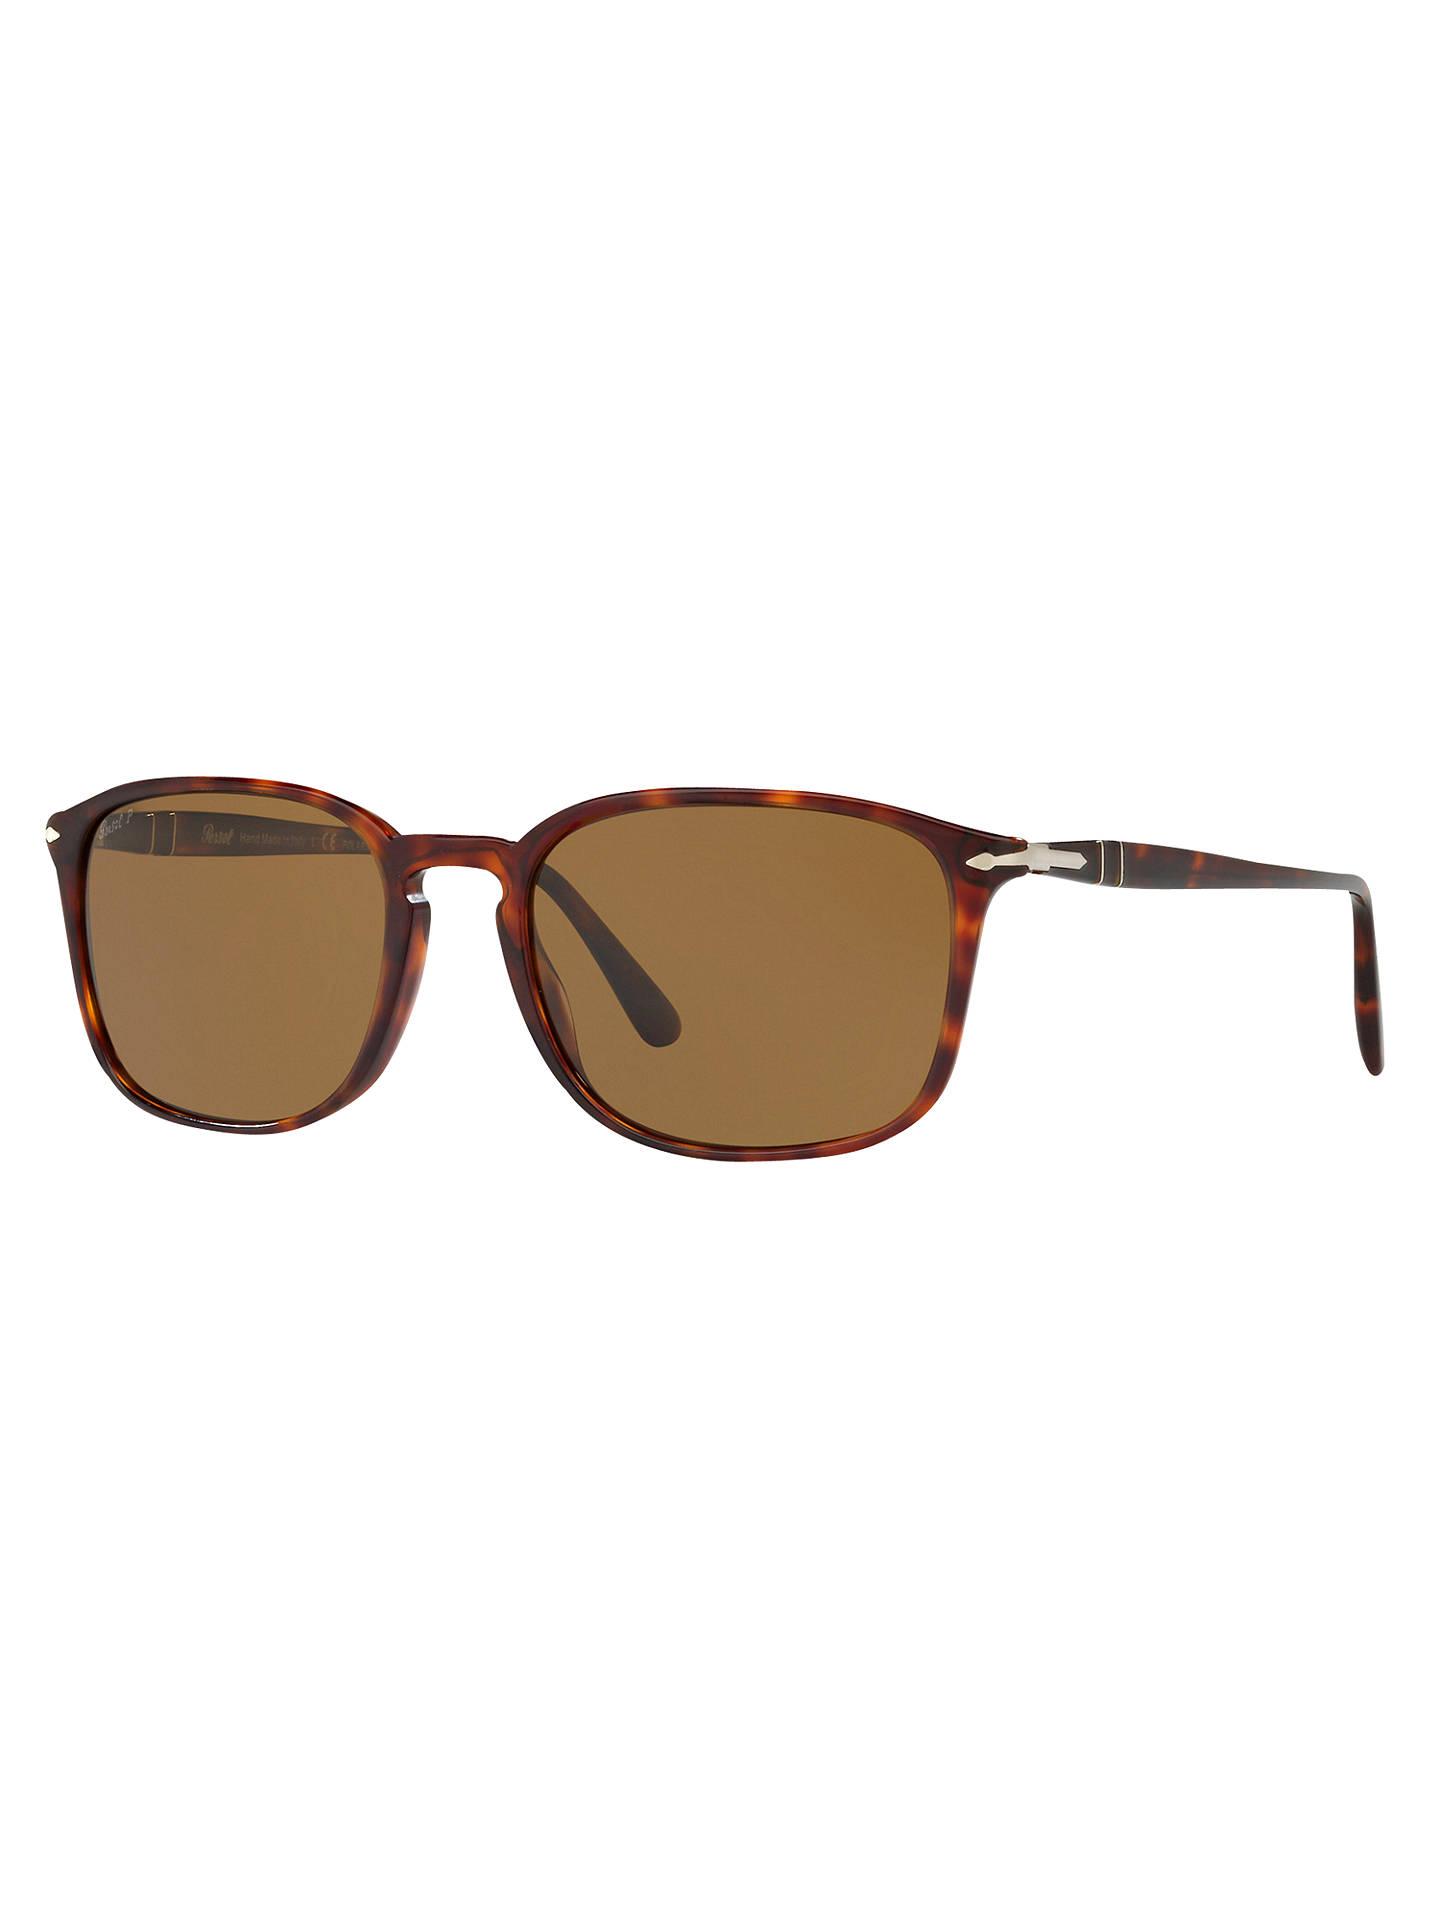 5084e7533c70d Persol PO3158S Polarised Square Sunglasses at John Lewis   Partners